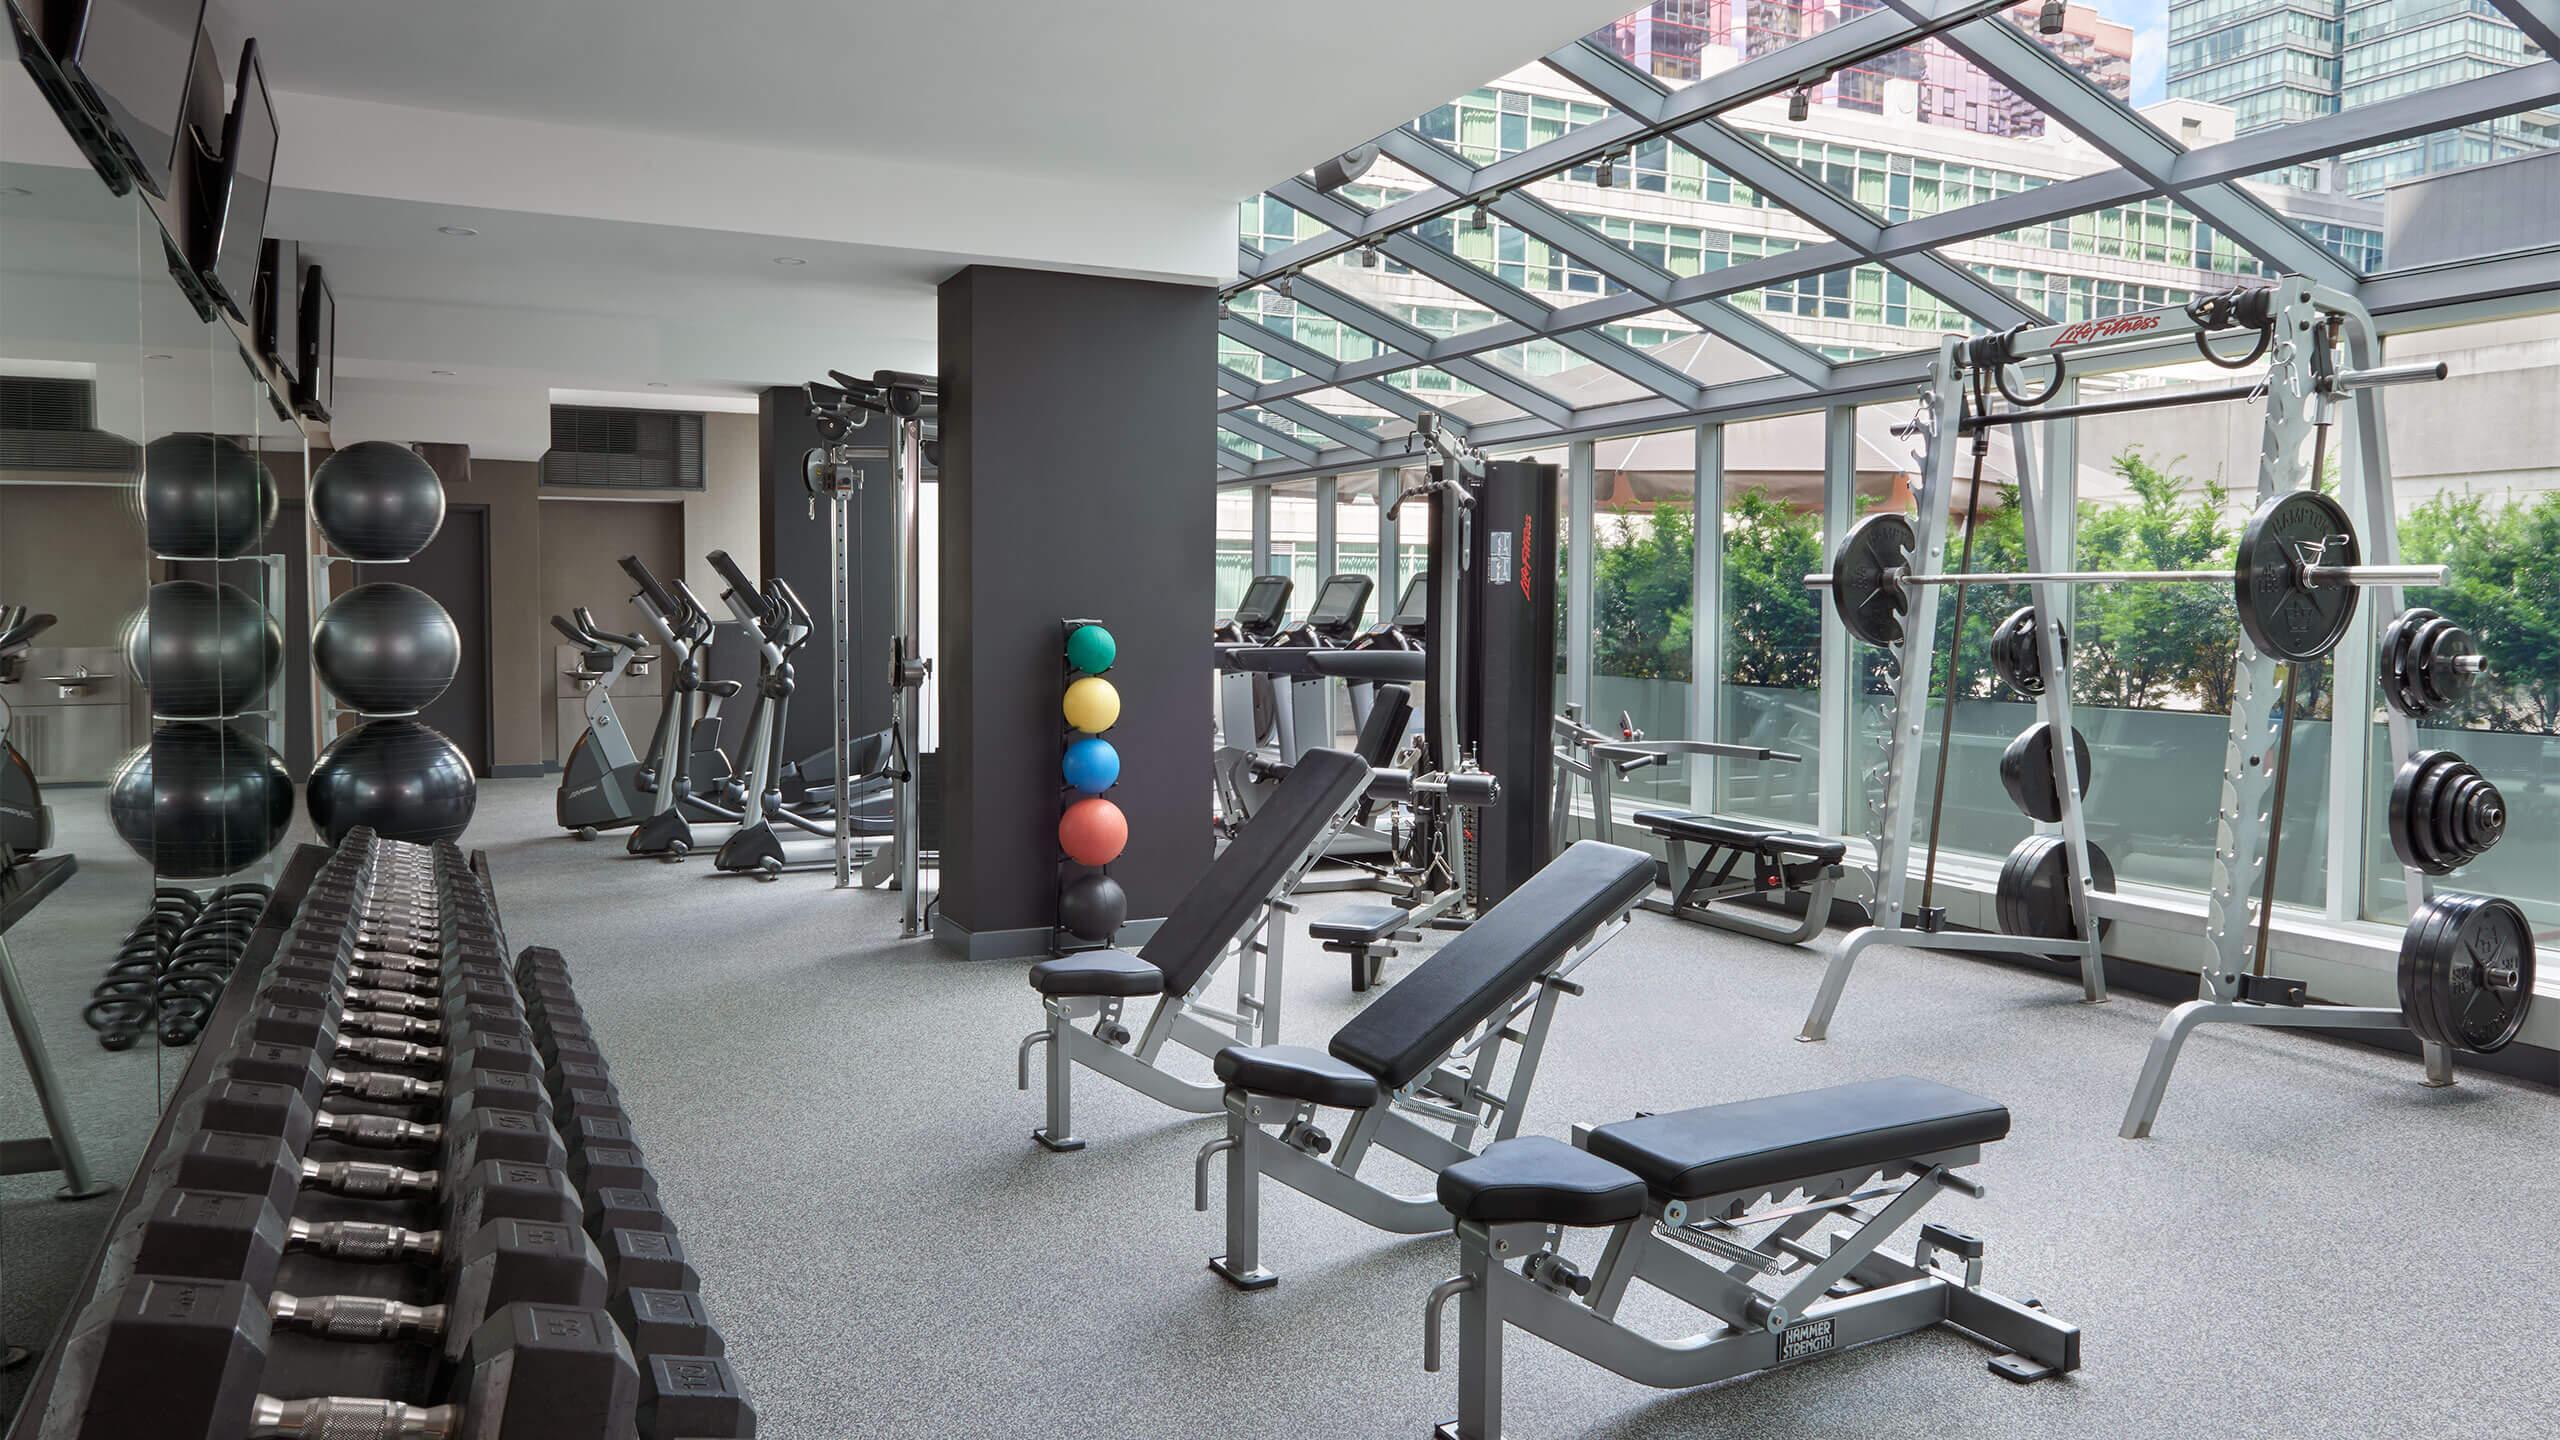 Renovated fitness club at SoHo Hotel